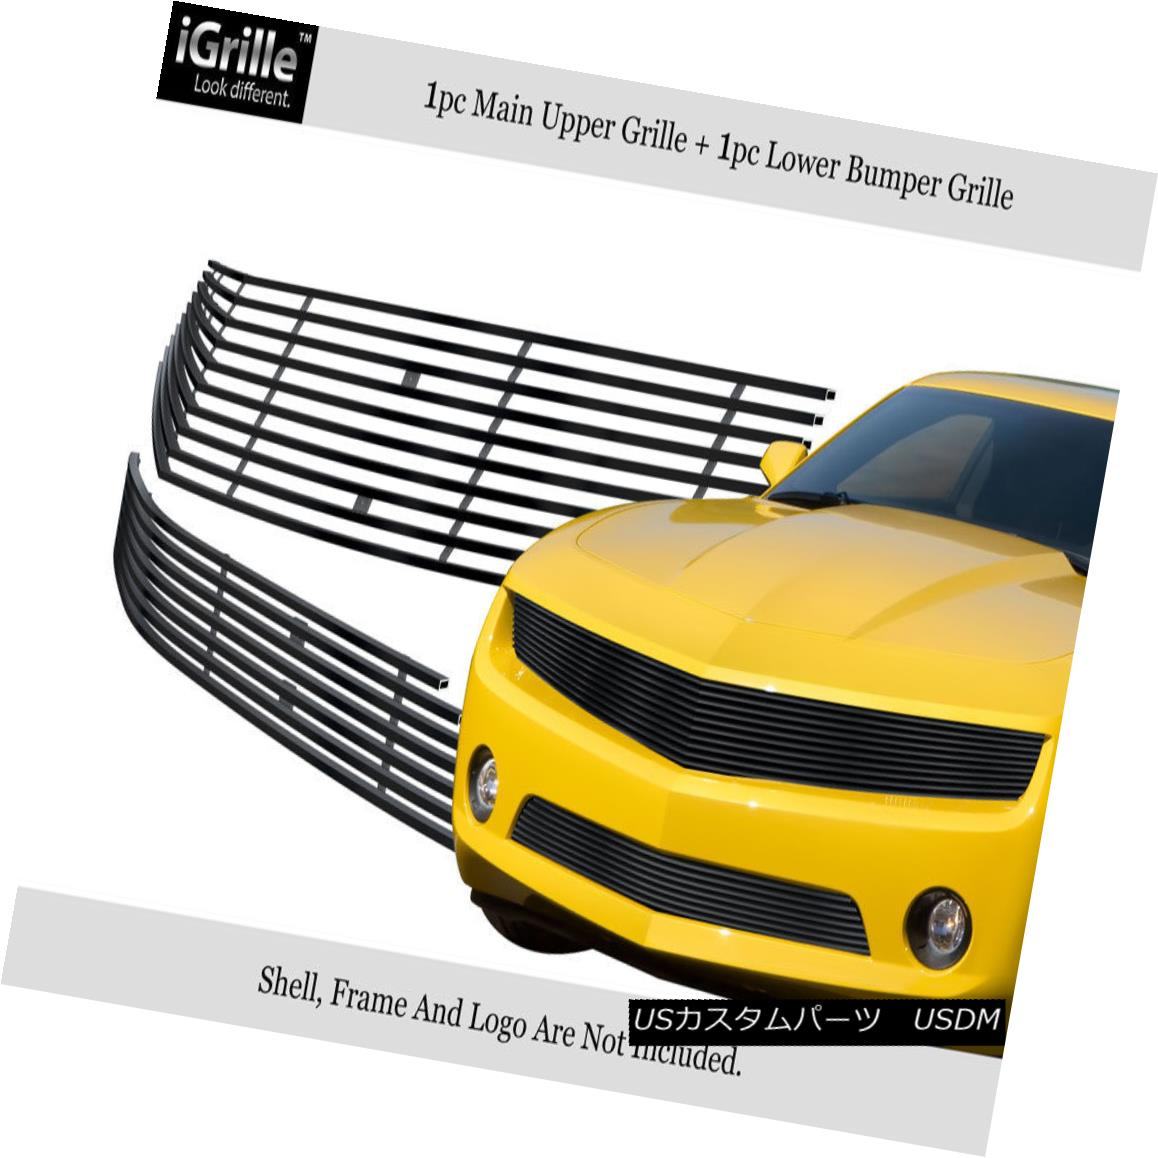 グリル Fits 2010-2013 Chevy Camaro LT/LS V6 Stainless Steel Black Billet Grille Combo フィット2010-2013シボレーカマロLT / LS V6ステンレススチールブラックビレットグリルコンボ